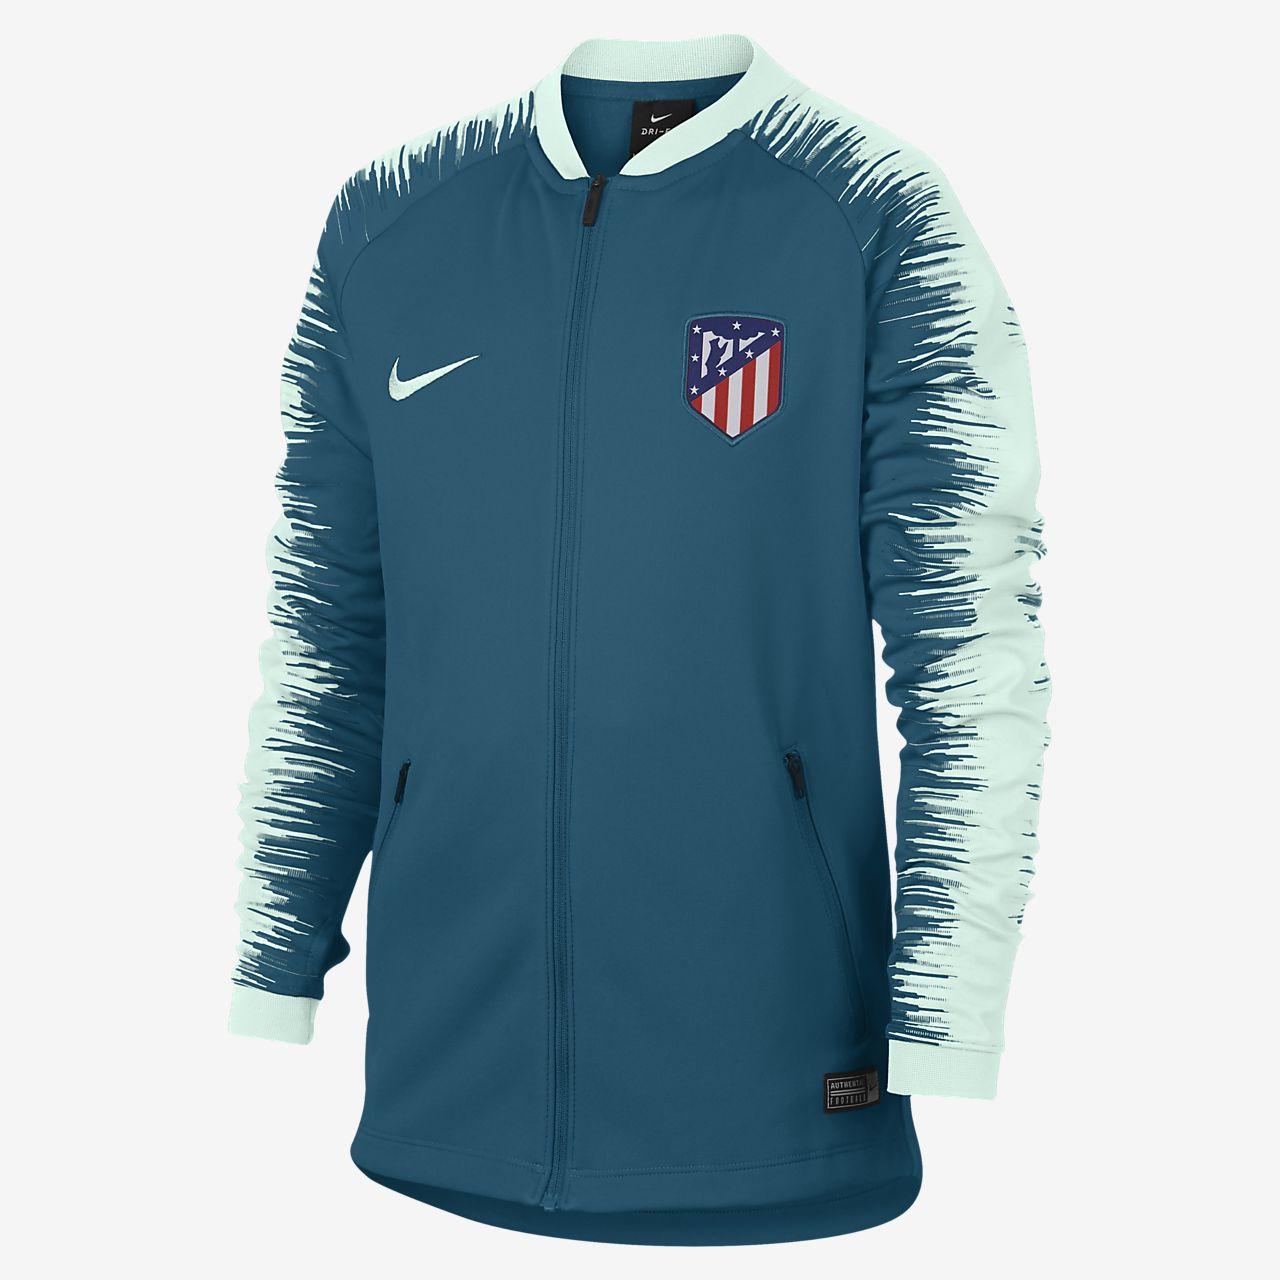 e5134e1a6fc48 Atlético de Madrid Anthem Chaqueta de fútbol - Niño a. Nike.com ES